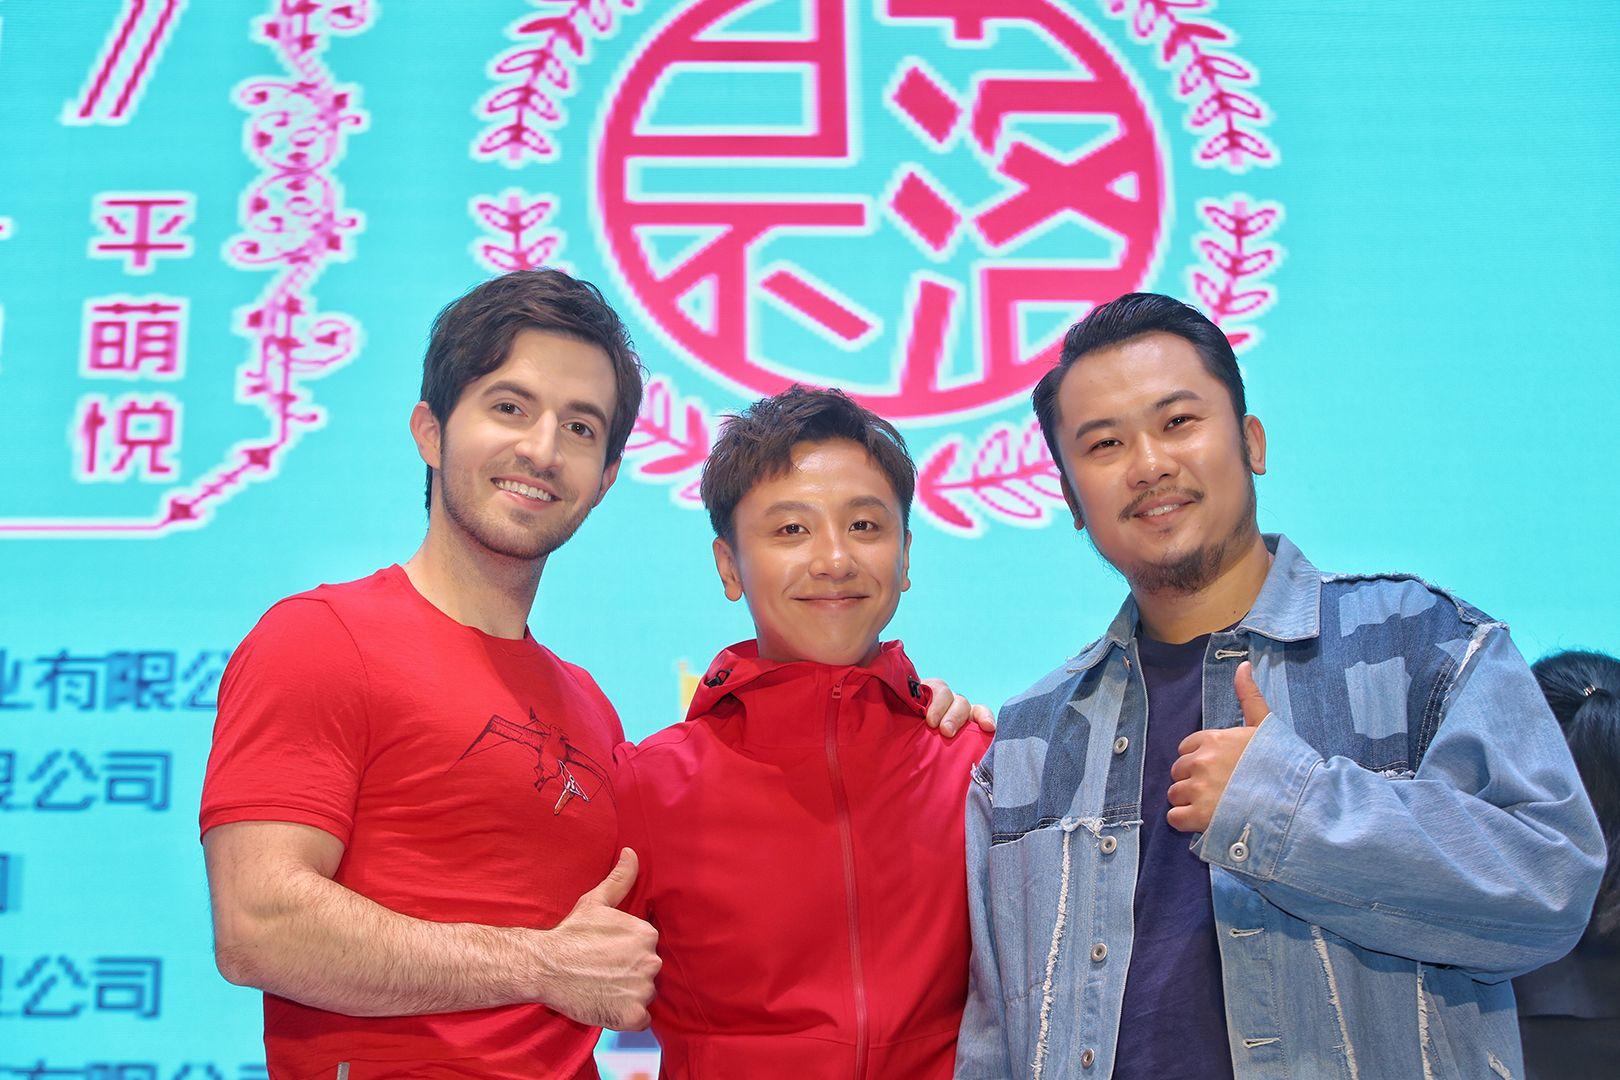 左起:演员柯南、主演黄才伦、演员李唯贺.jpg